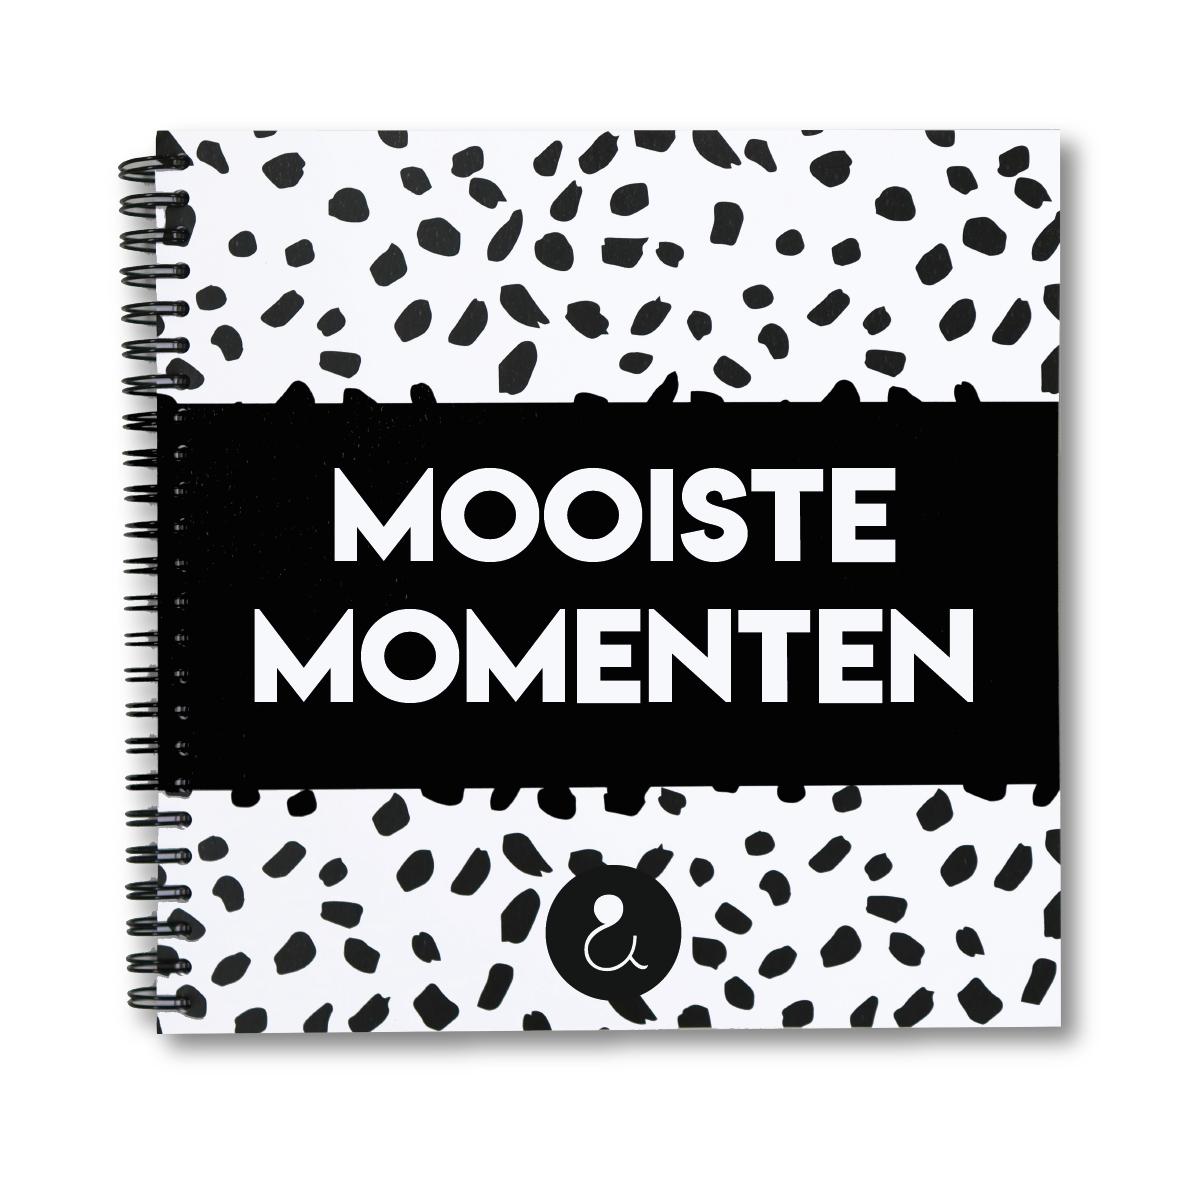 Mooiste momenten plakboek | monochrome